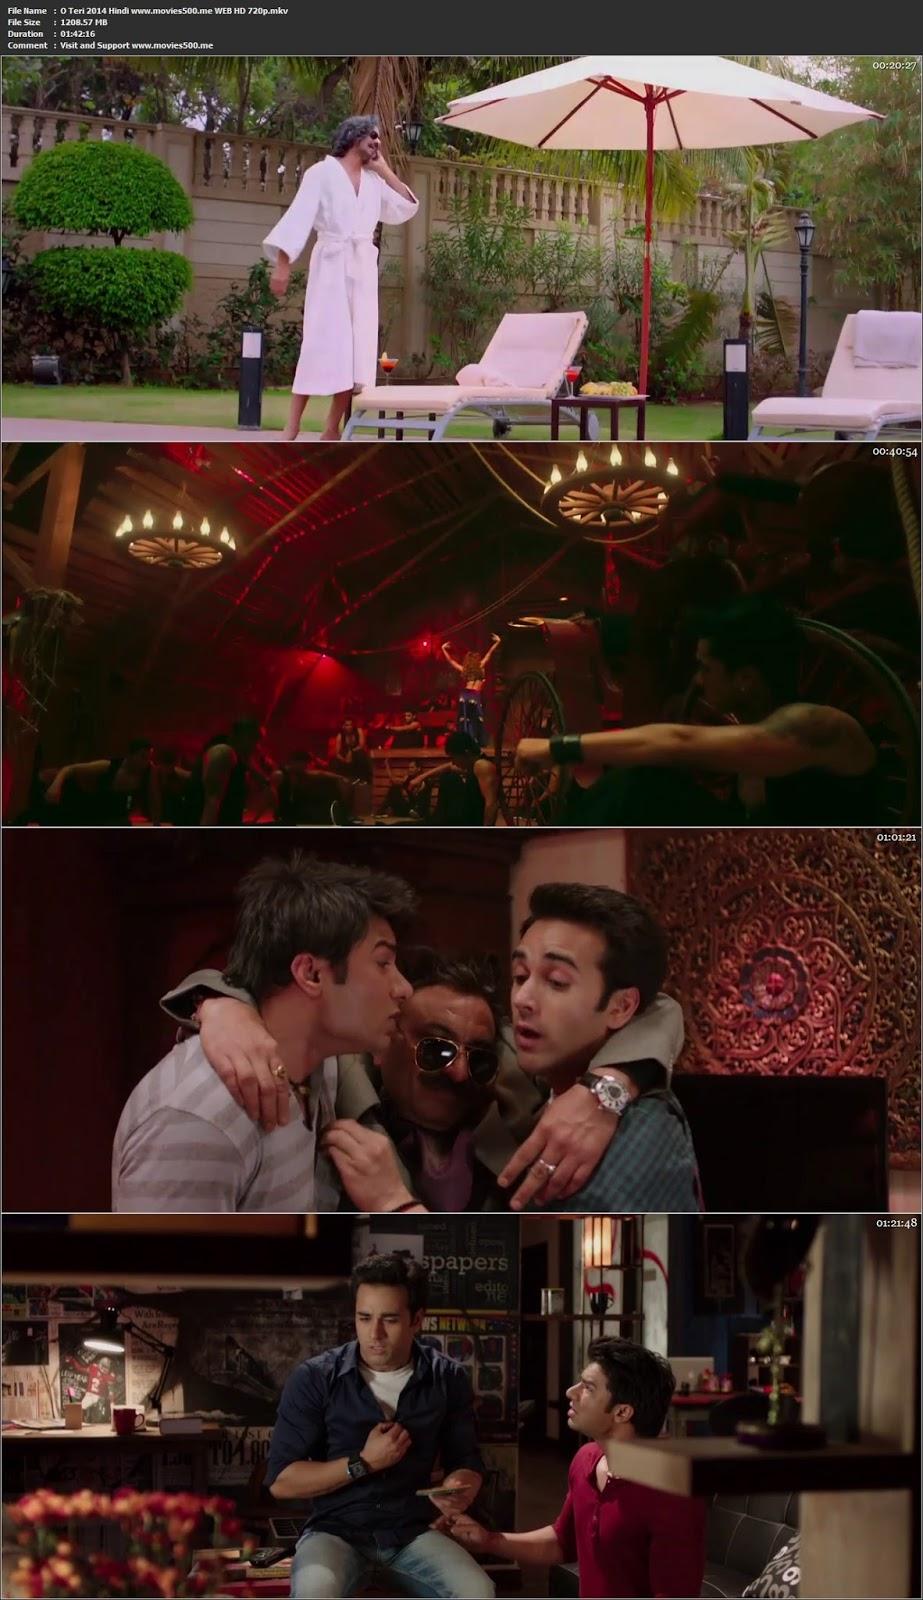 O Teri 2014 Hindi Full Movie WEB HD 720p at movies500.info